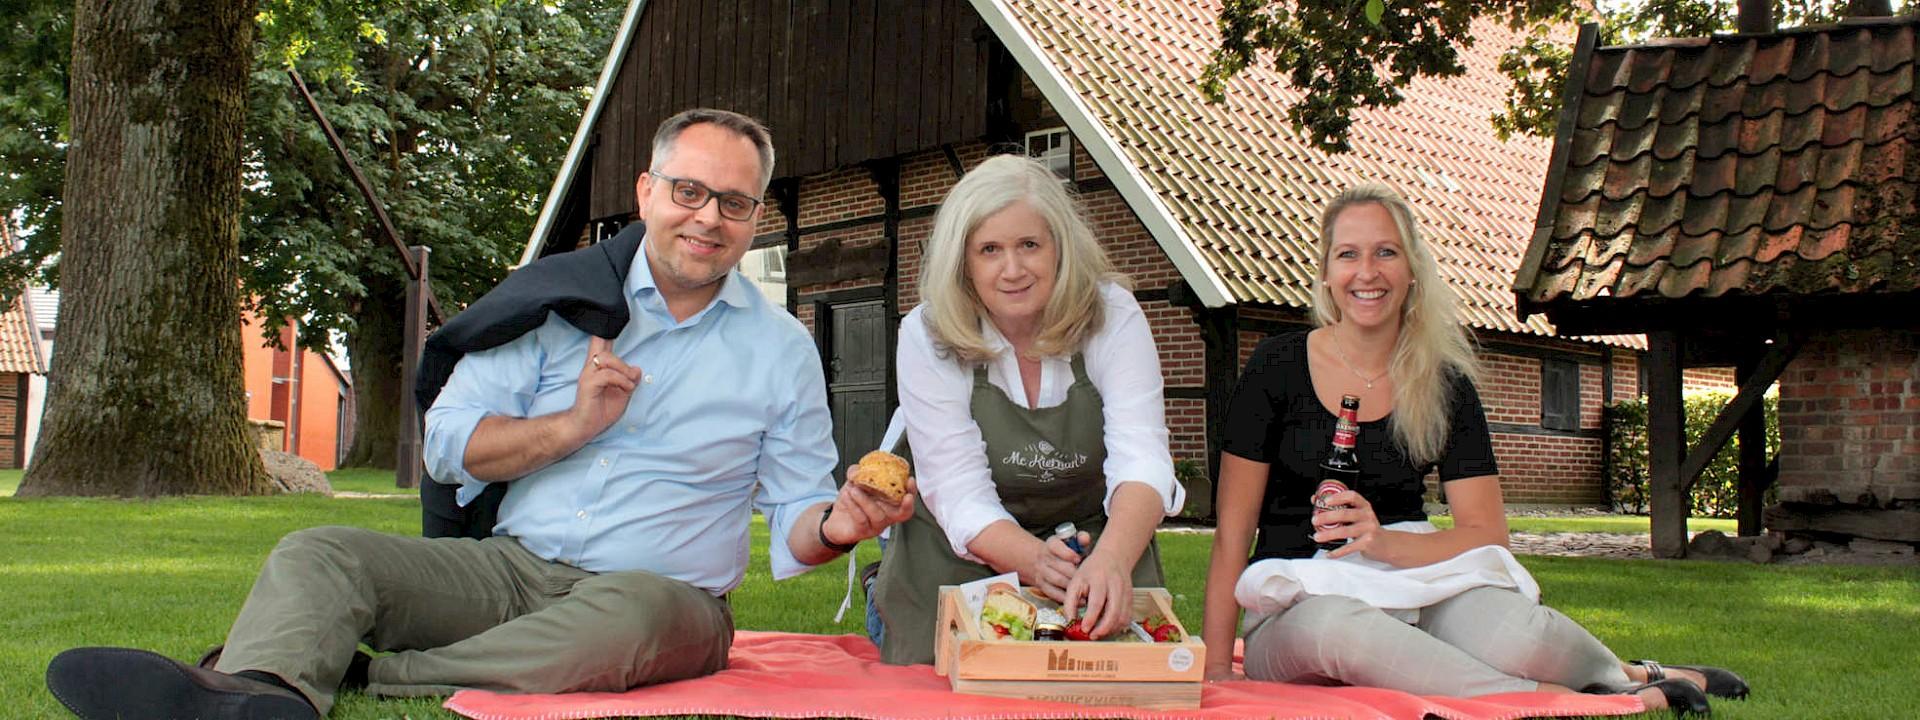 Picknickkörbe vom McKiernan's Café Irisches Picknick in Gescher